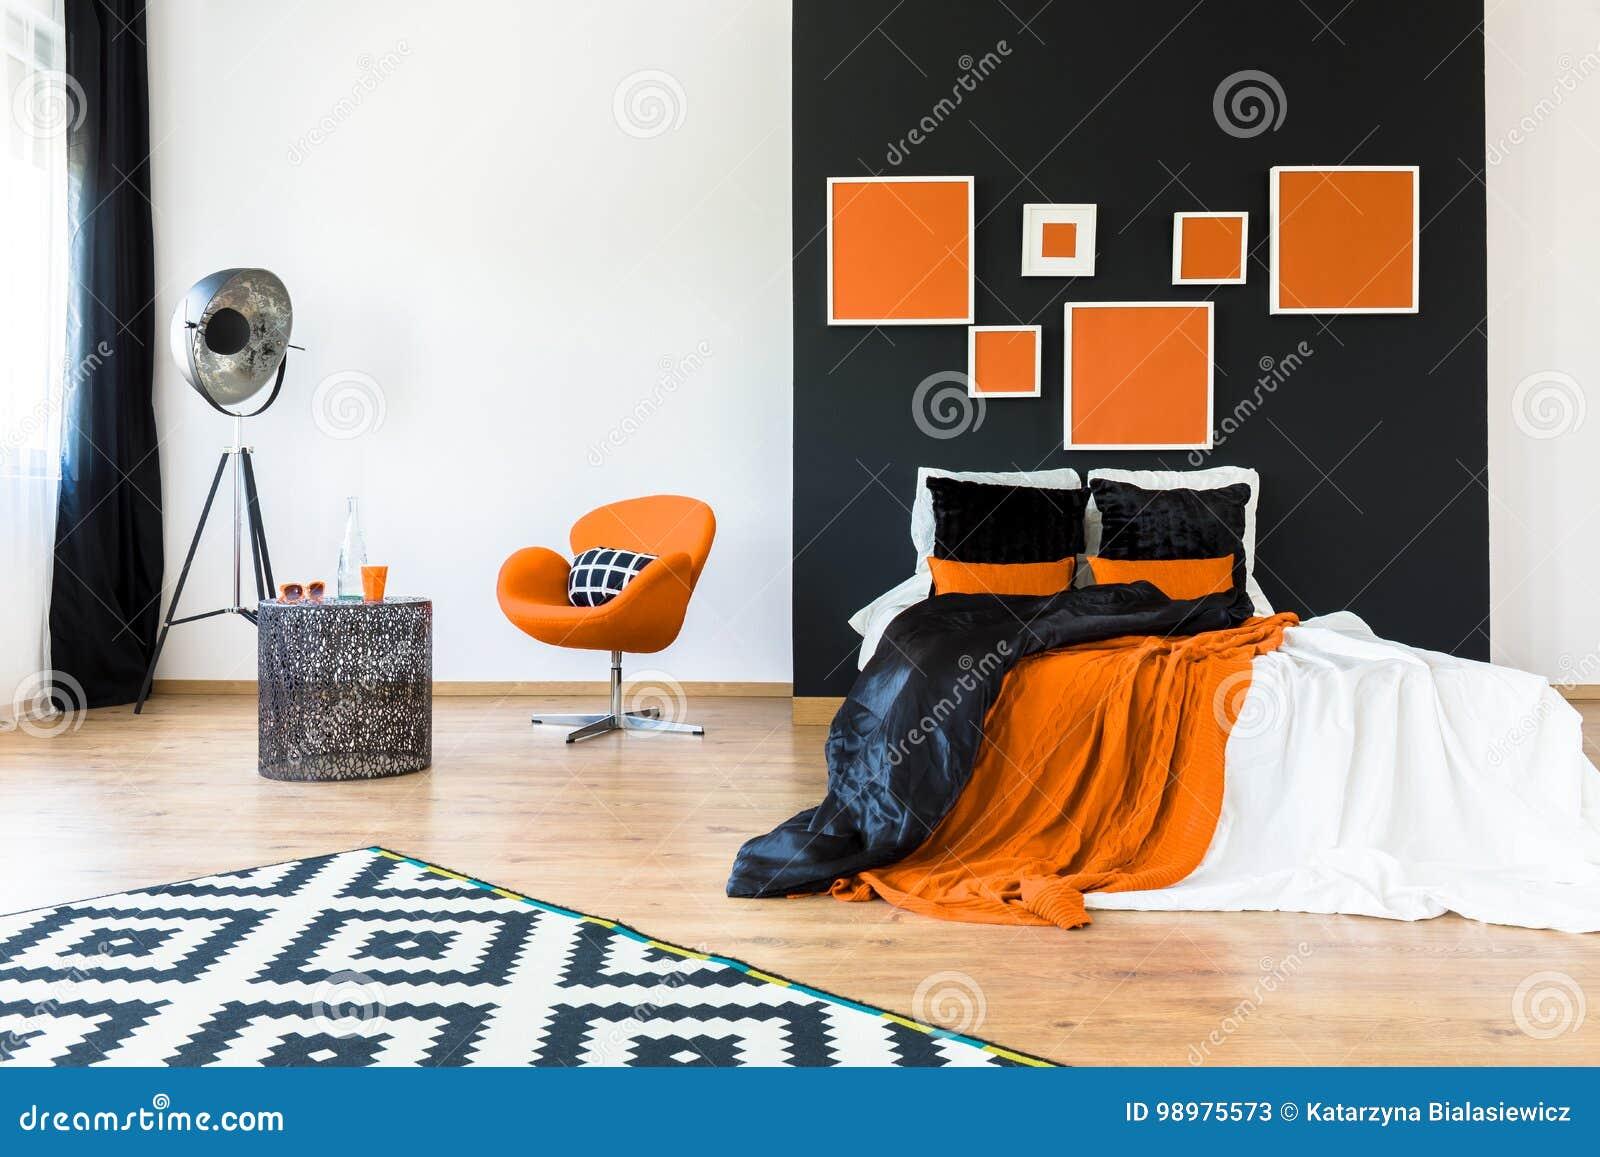 Stoel Voor Op Slaapkamer.Oranje Stoel In Retro Slaapkamer Stock Afbeelding Afbeelding